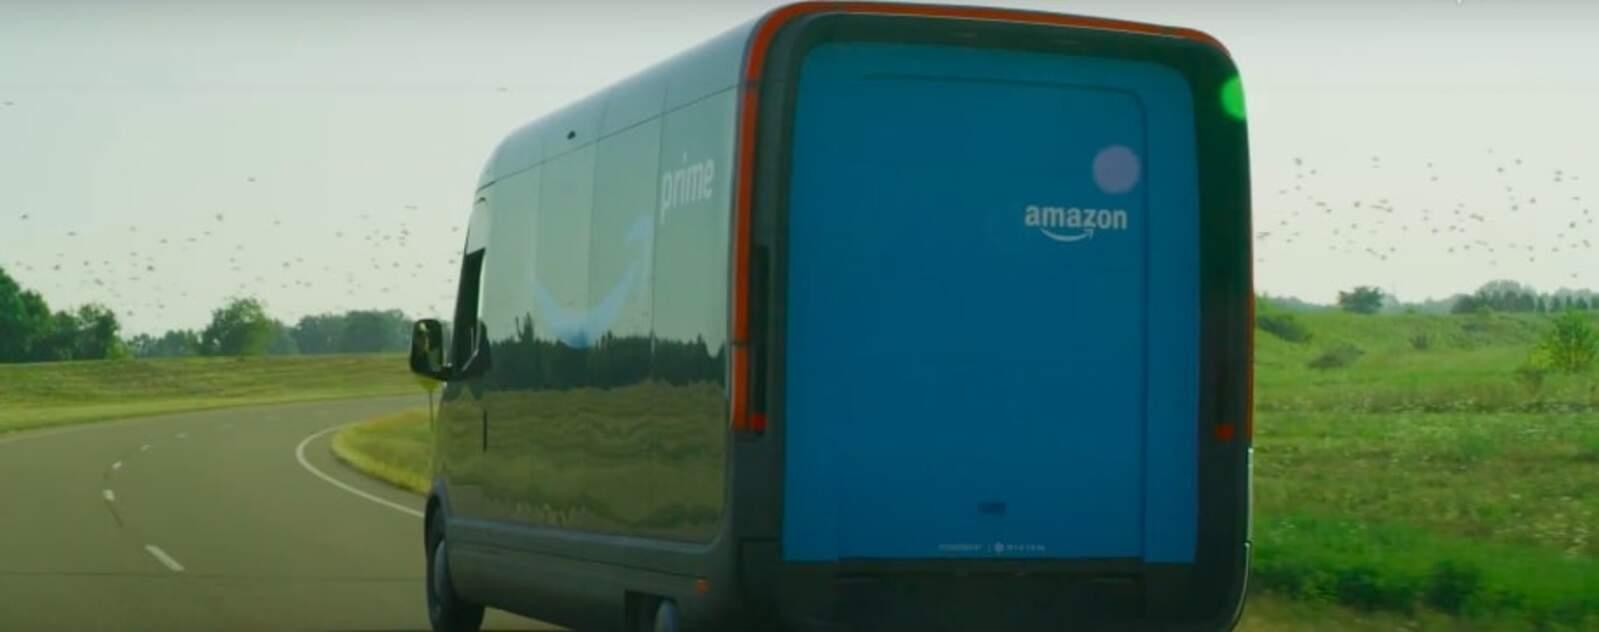 El vehicle elèctric de repartiment que Amazon ha desenvolupat juntament amb Rivian